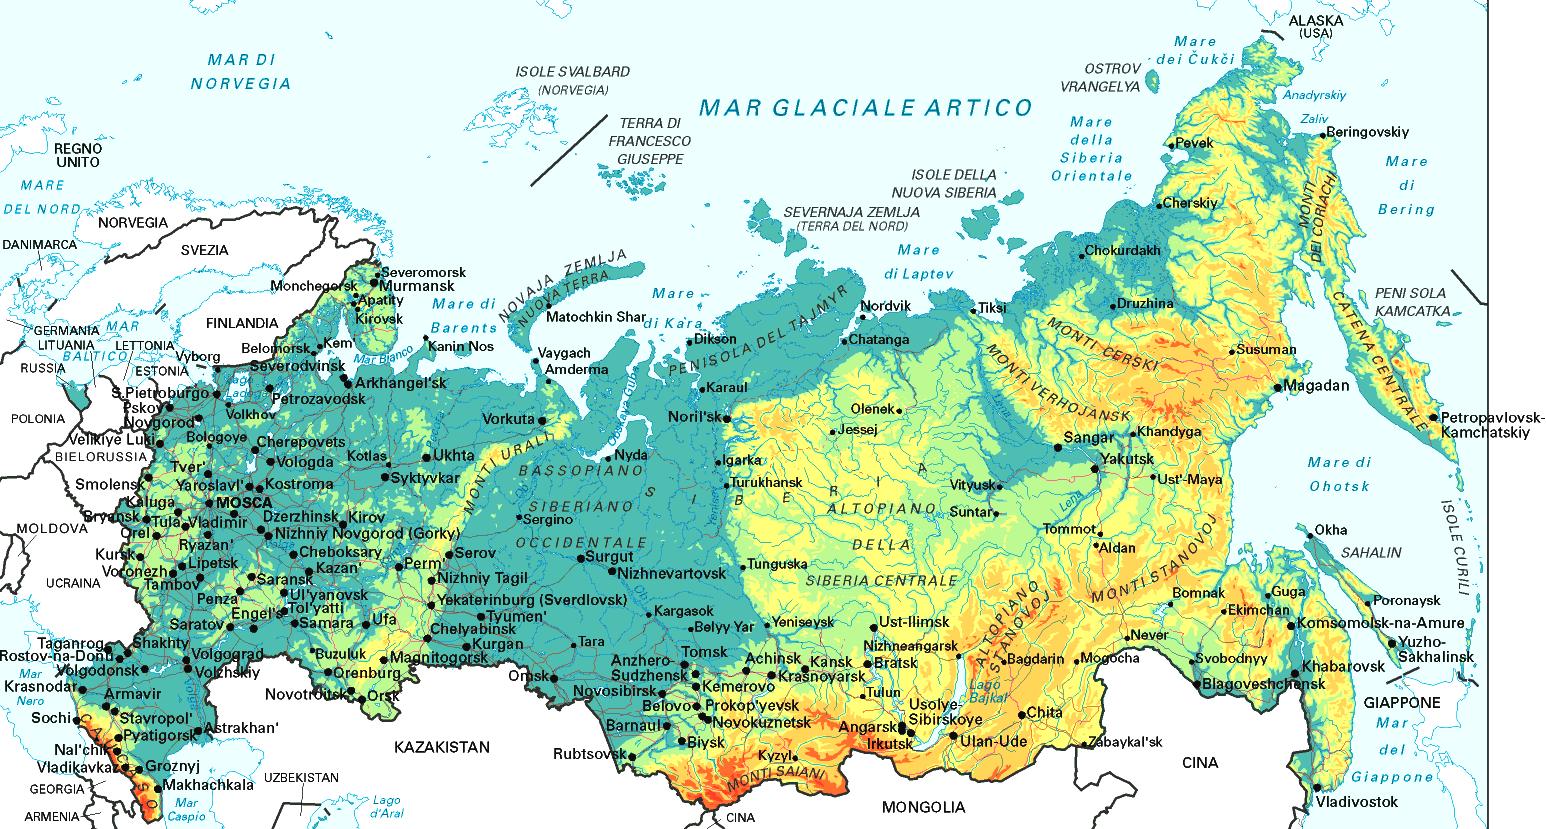 Cartina Fisica Russia Asiatica.Mappa Geografica Della Russia Carta Ad Alta Risoluzione